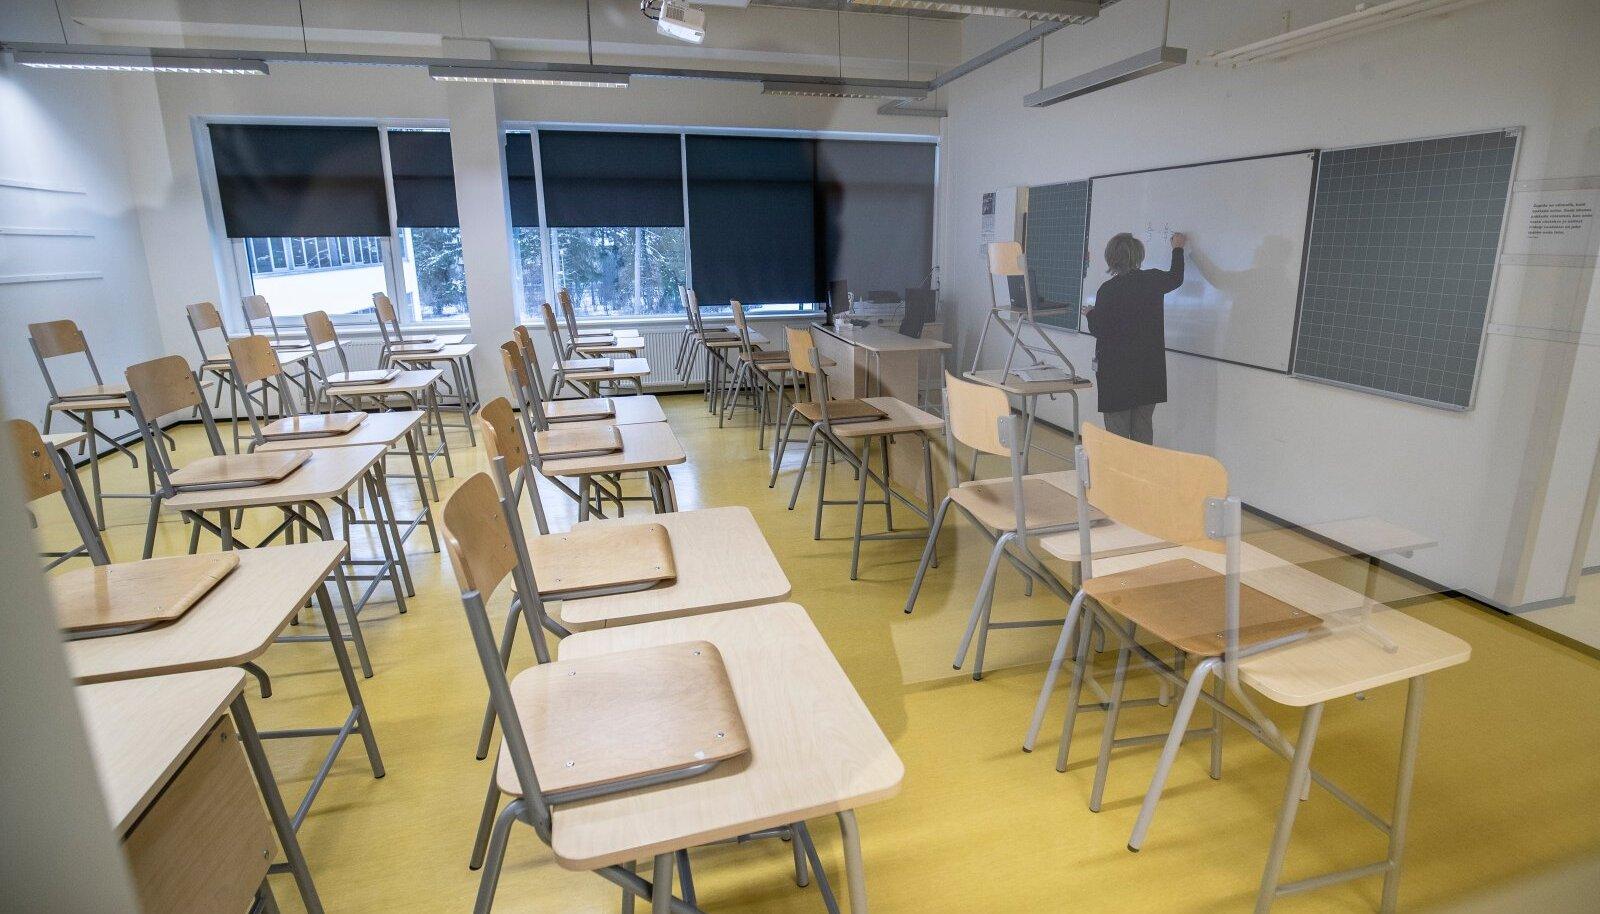 Keegi ei soovi, et selgi õppeaastal tuleks taas tühjadele klassidele tundi anda. Et seda ära hoida, tuleks koroonareeglid palju konkreetsemalt kehtestada, arvavad õpetajad.